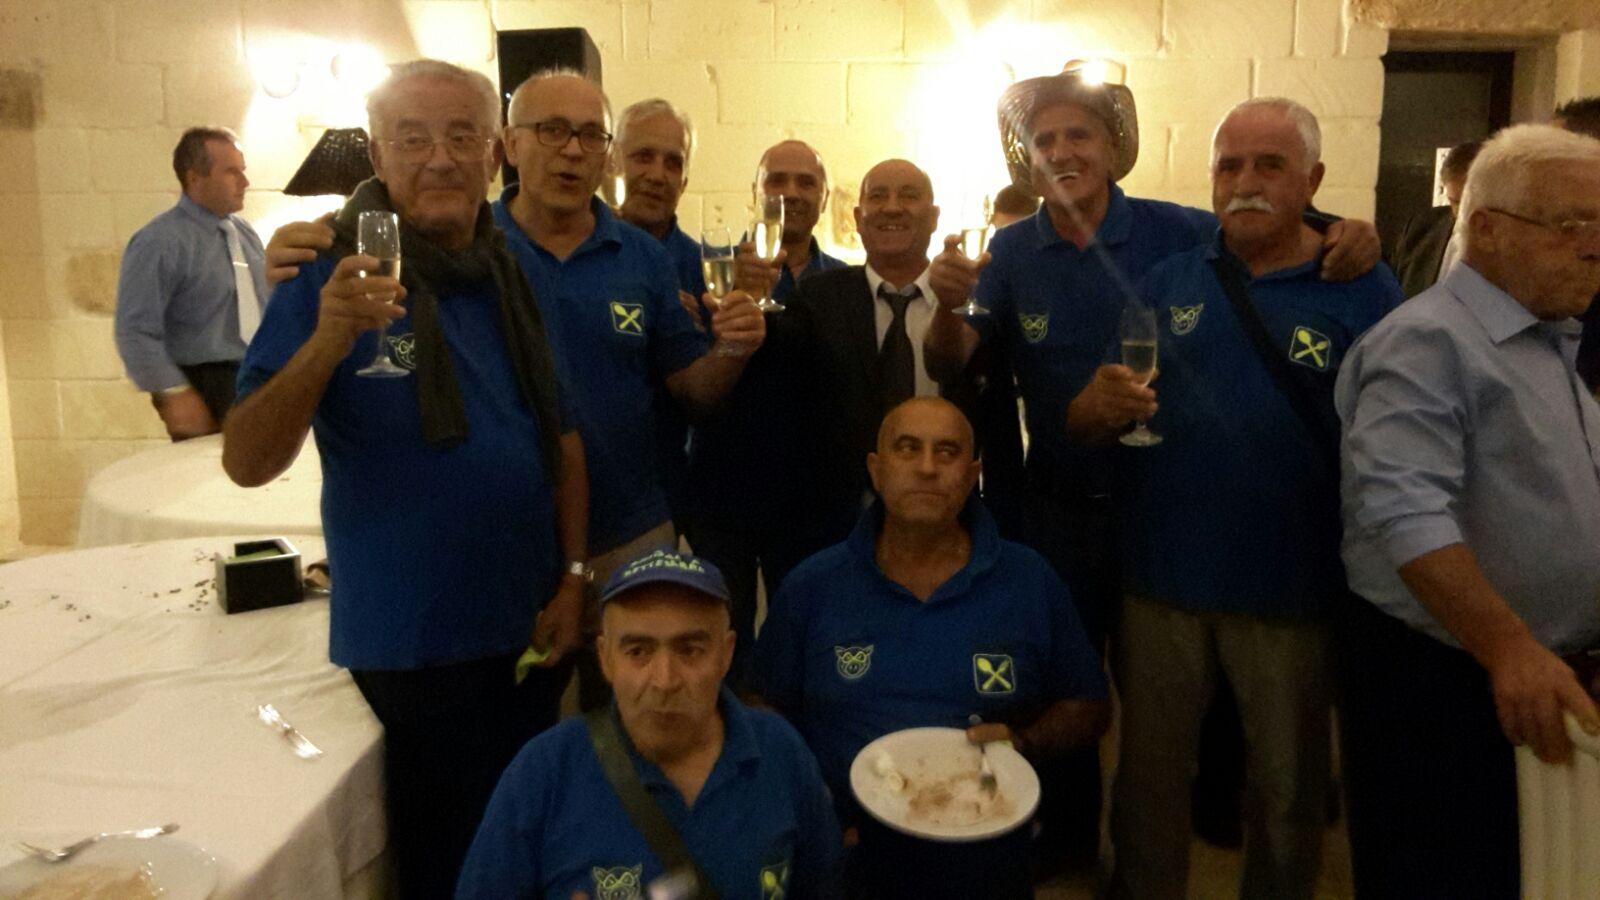 Zingari a settembre il gruppo di Borgagne, in giro per l'Italia. L'avventura comincia.